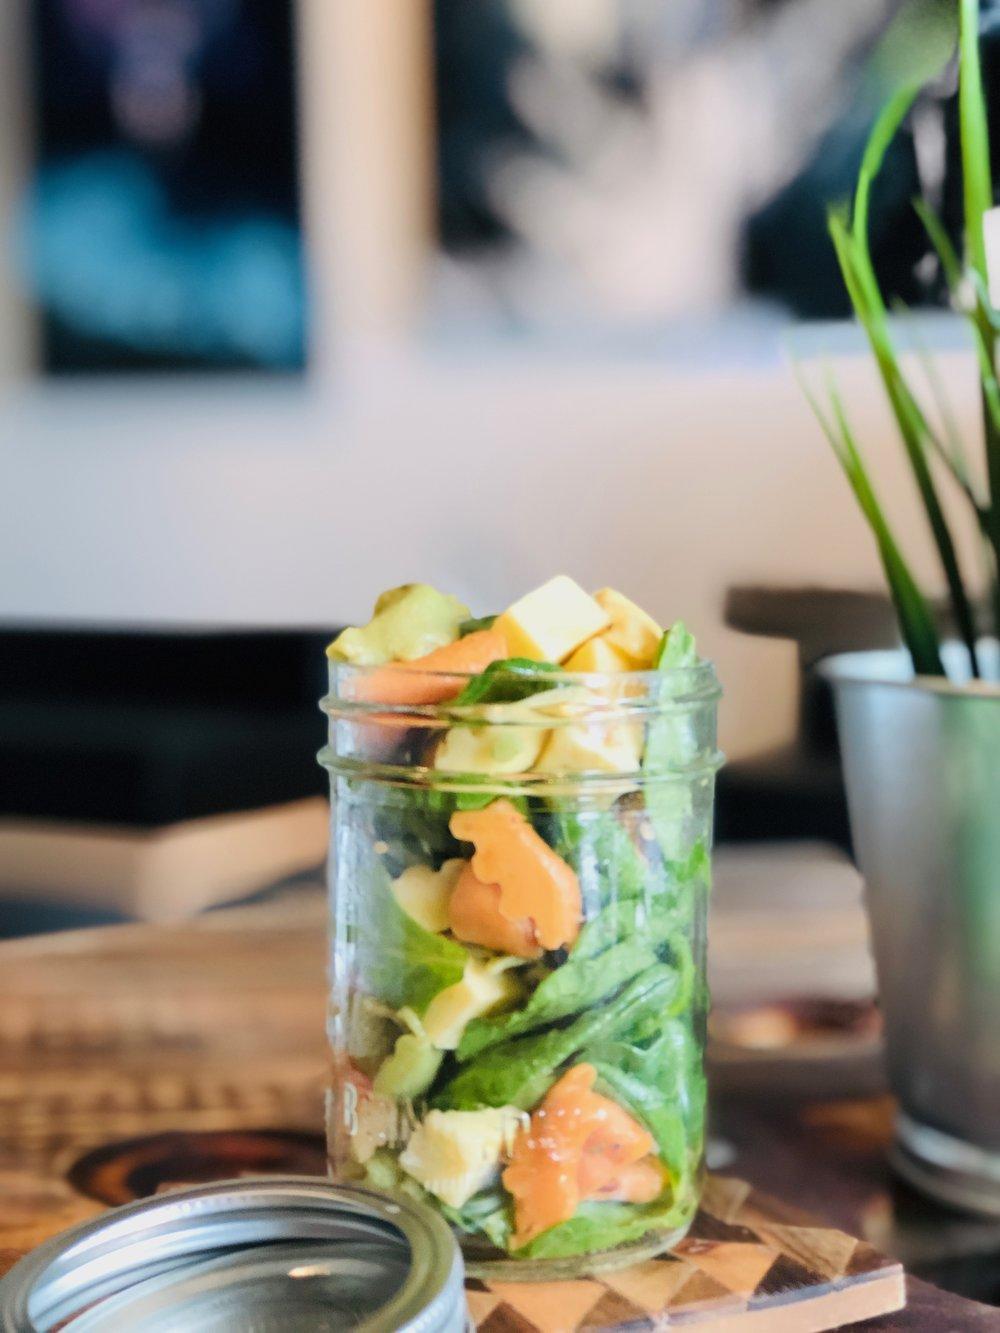 Salade d'épinards, tortellinis aux fromages, gouda sans lactose, vinaigrette maison -